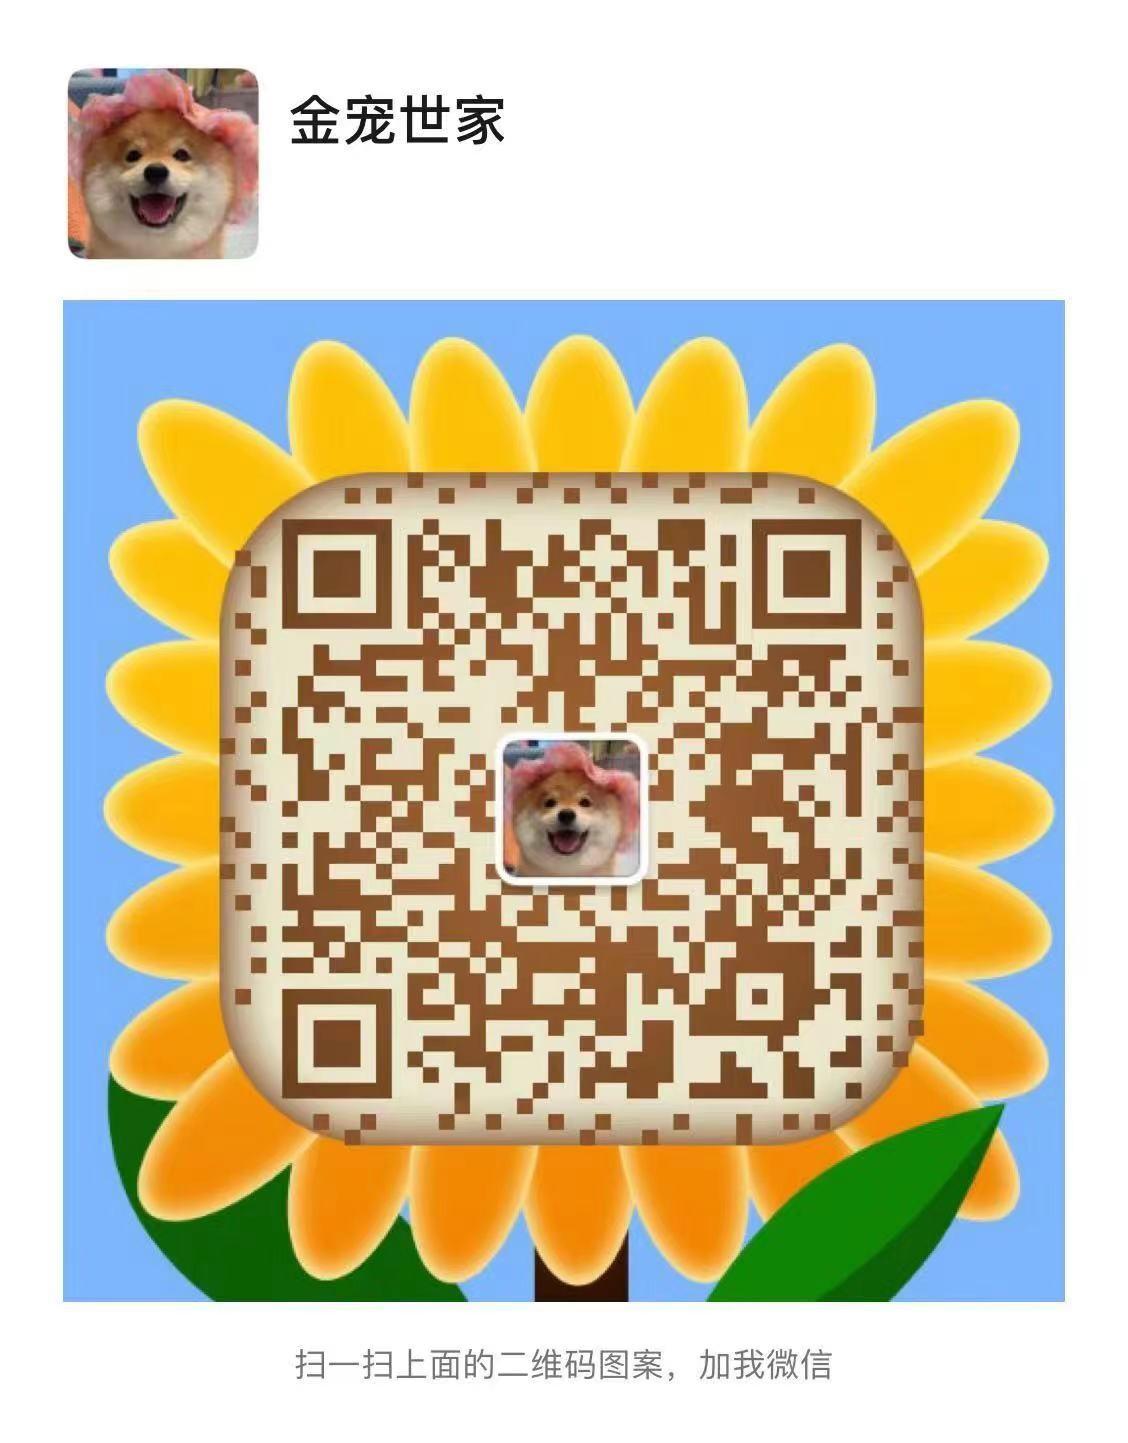 八折出售广州斗牛犬 驱虫疫苗做完 请您放心选购12